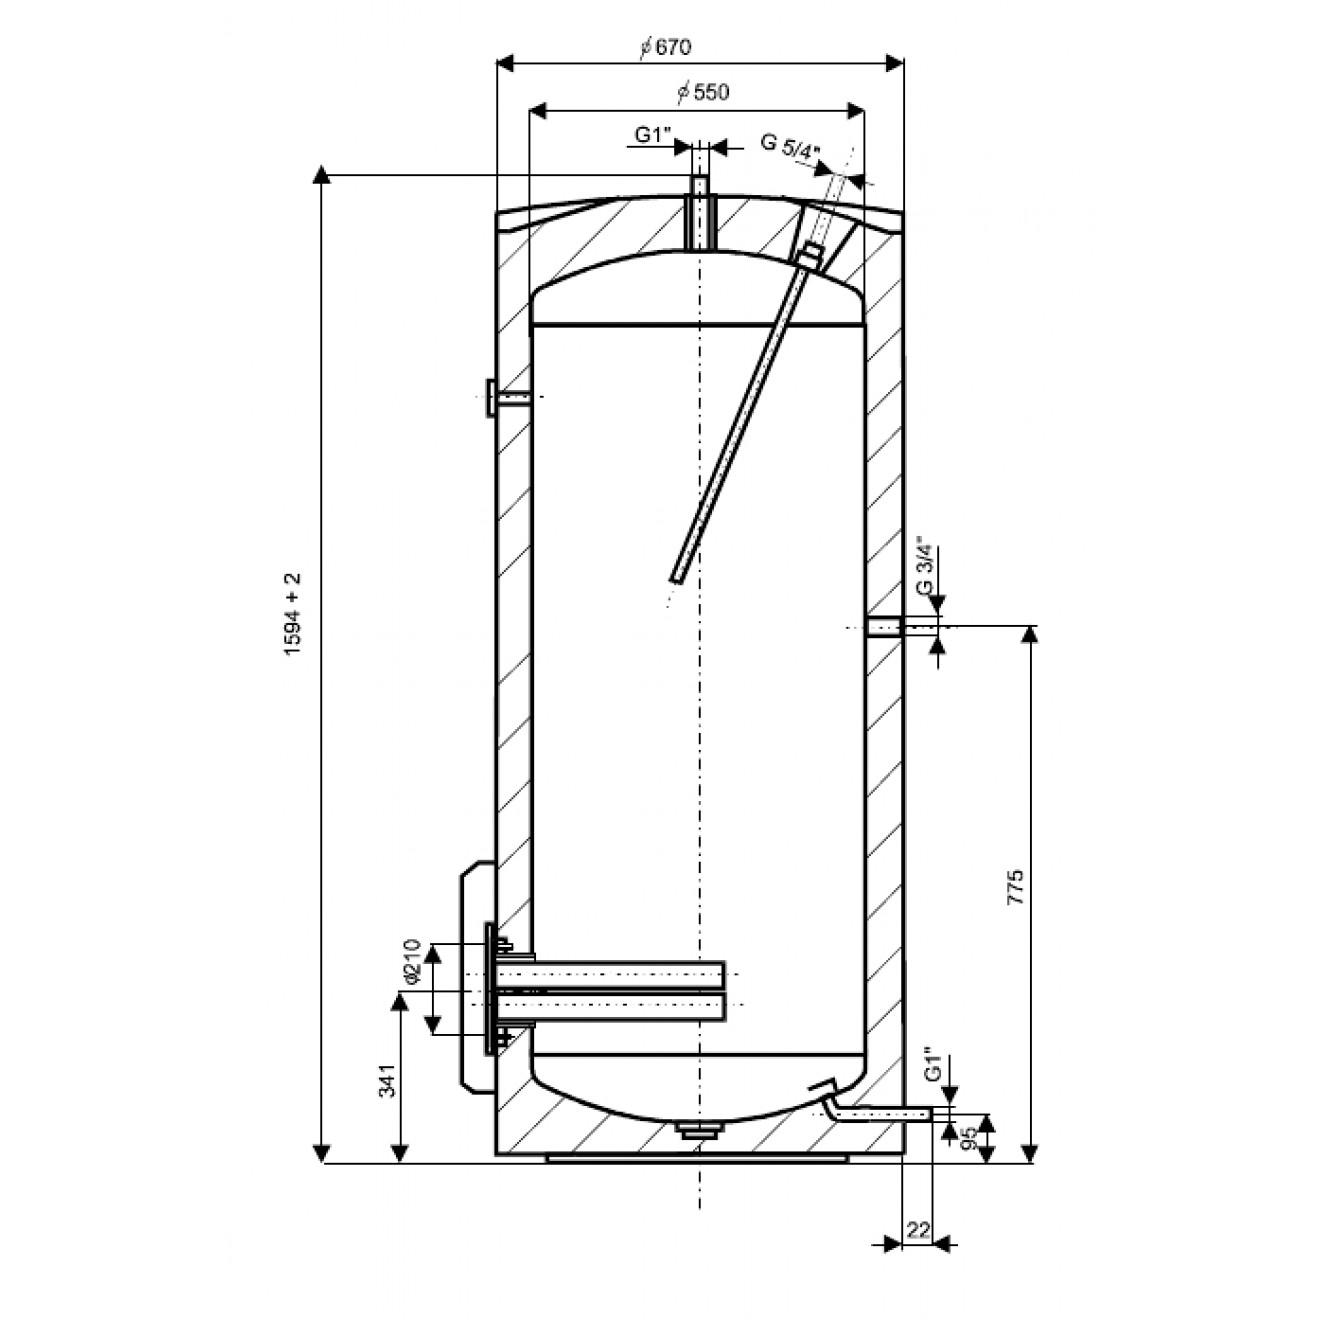 300 Liter L elektrischer Warmwasserspeicher Boiler Elektrospeicher ...